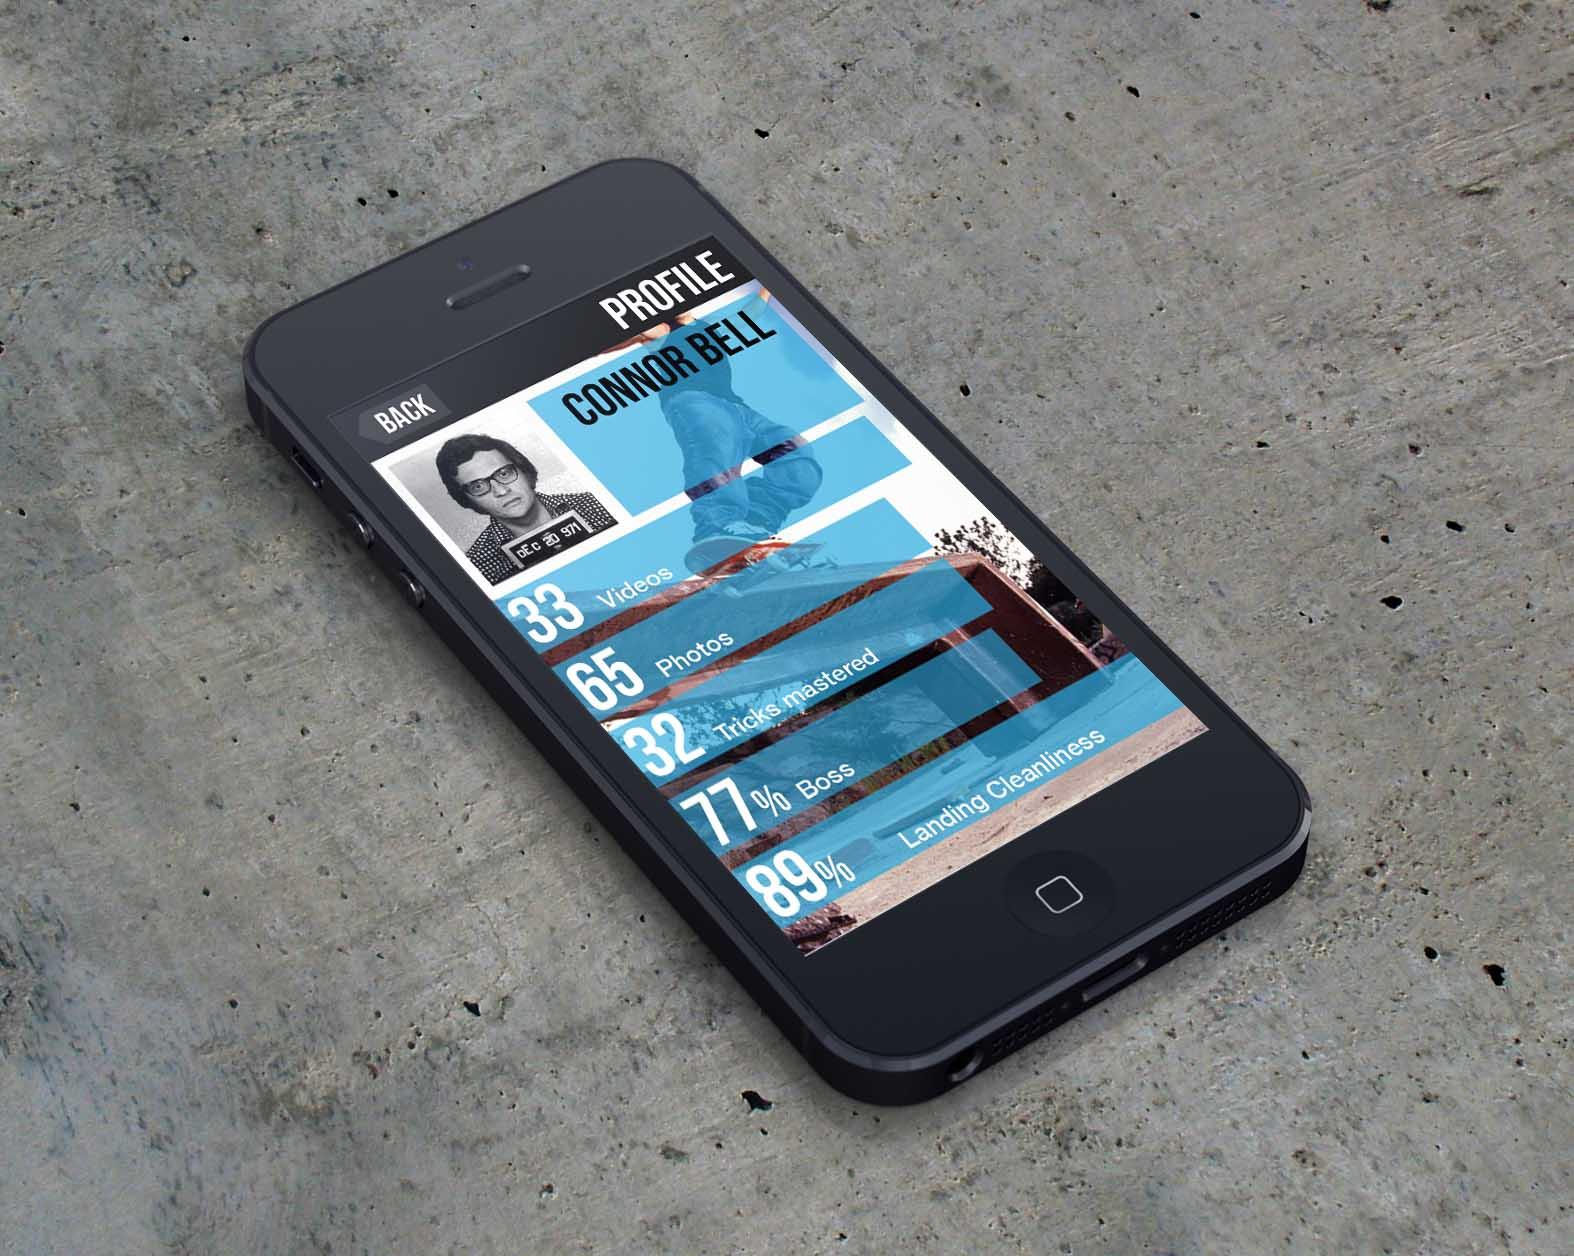 execute skate lean startup dalhousie.jpg